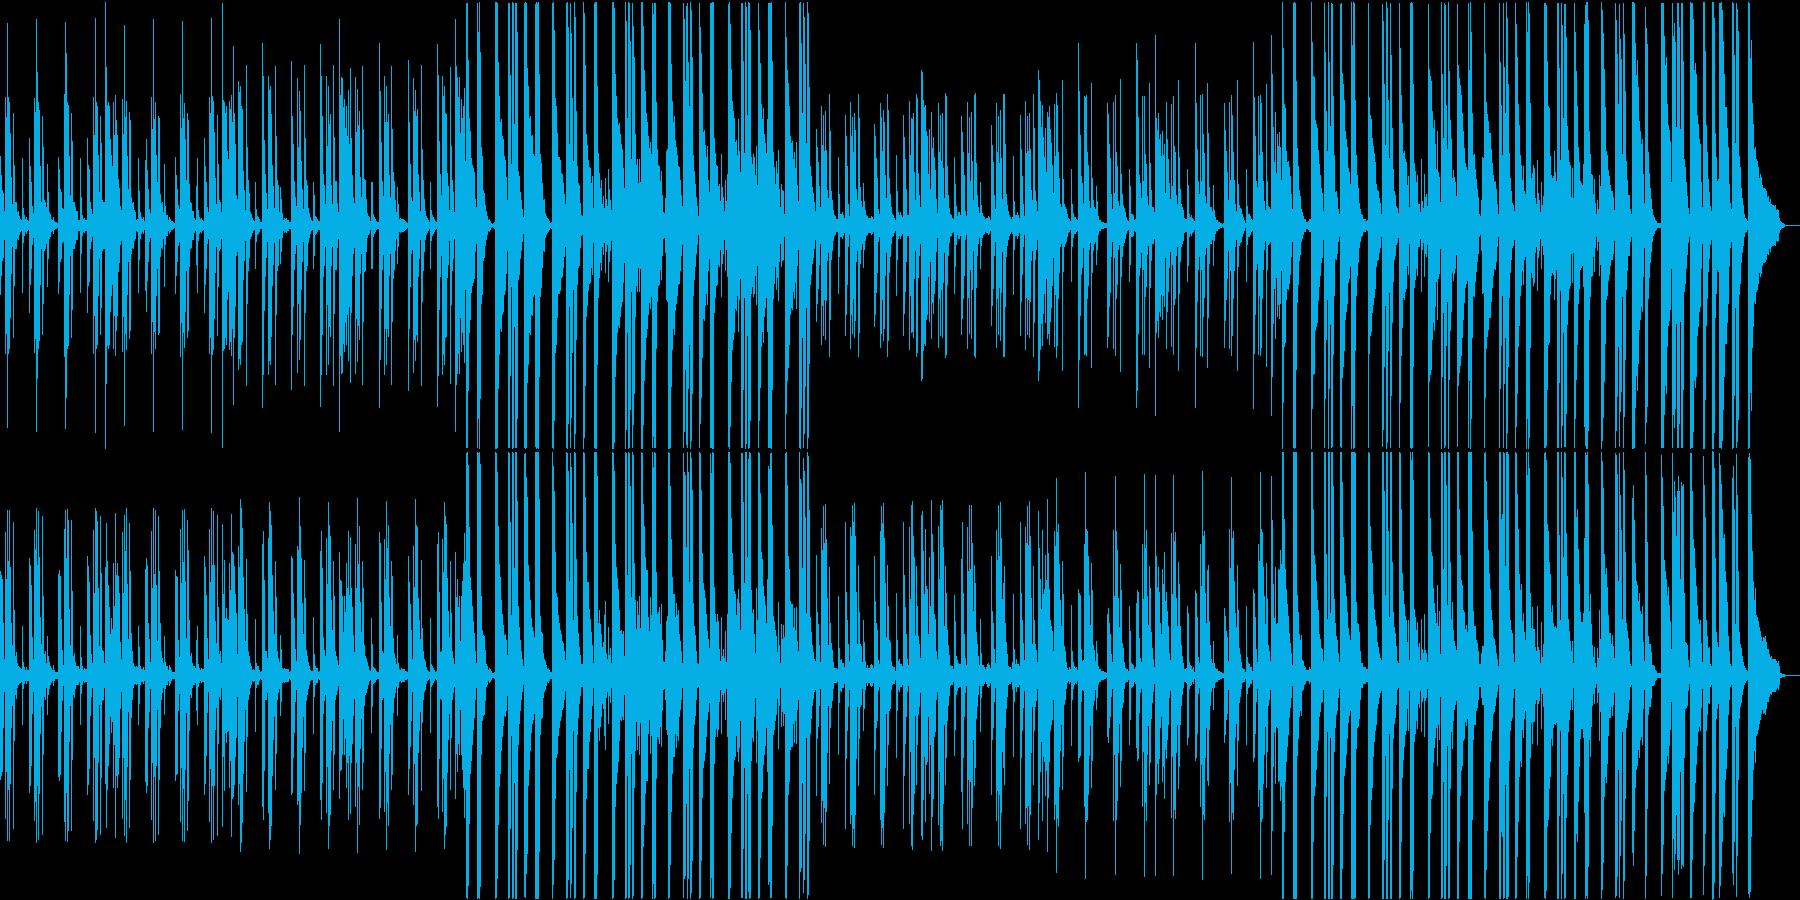 ミニマル音楽。不思議で幻想的なピアノ曲の再生済みの波形